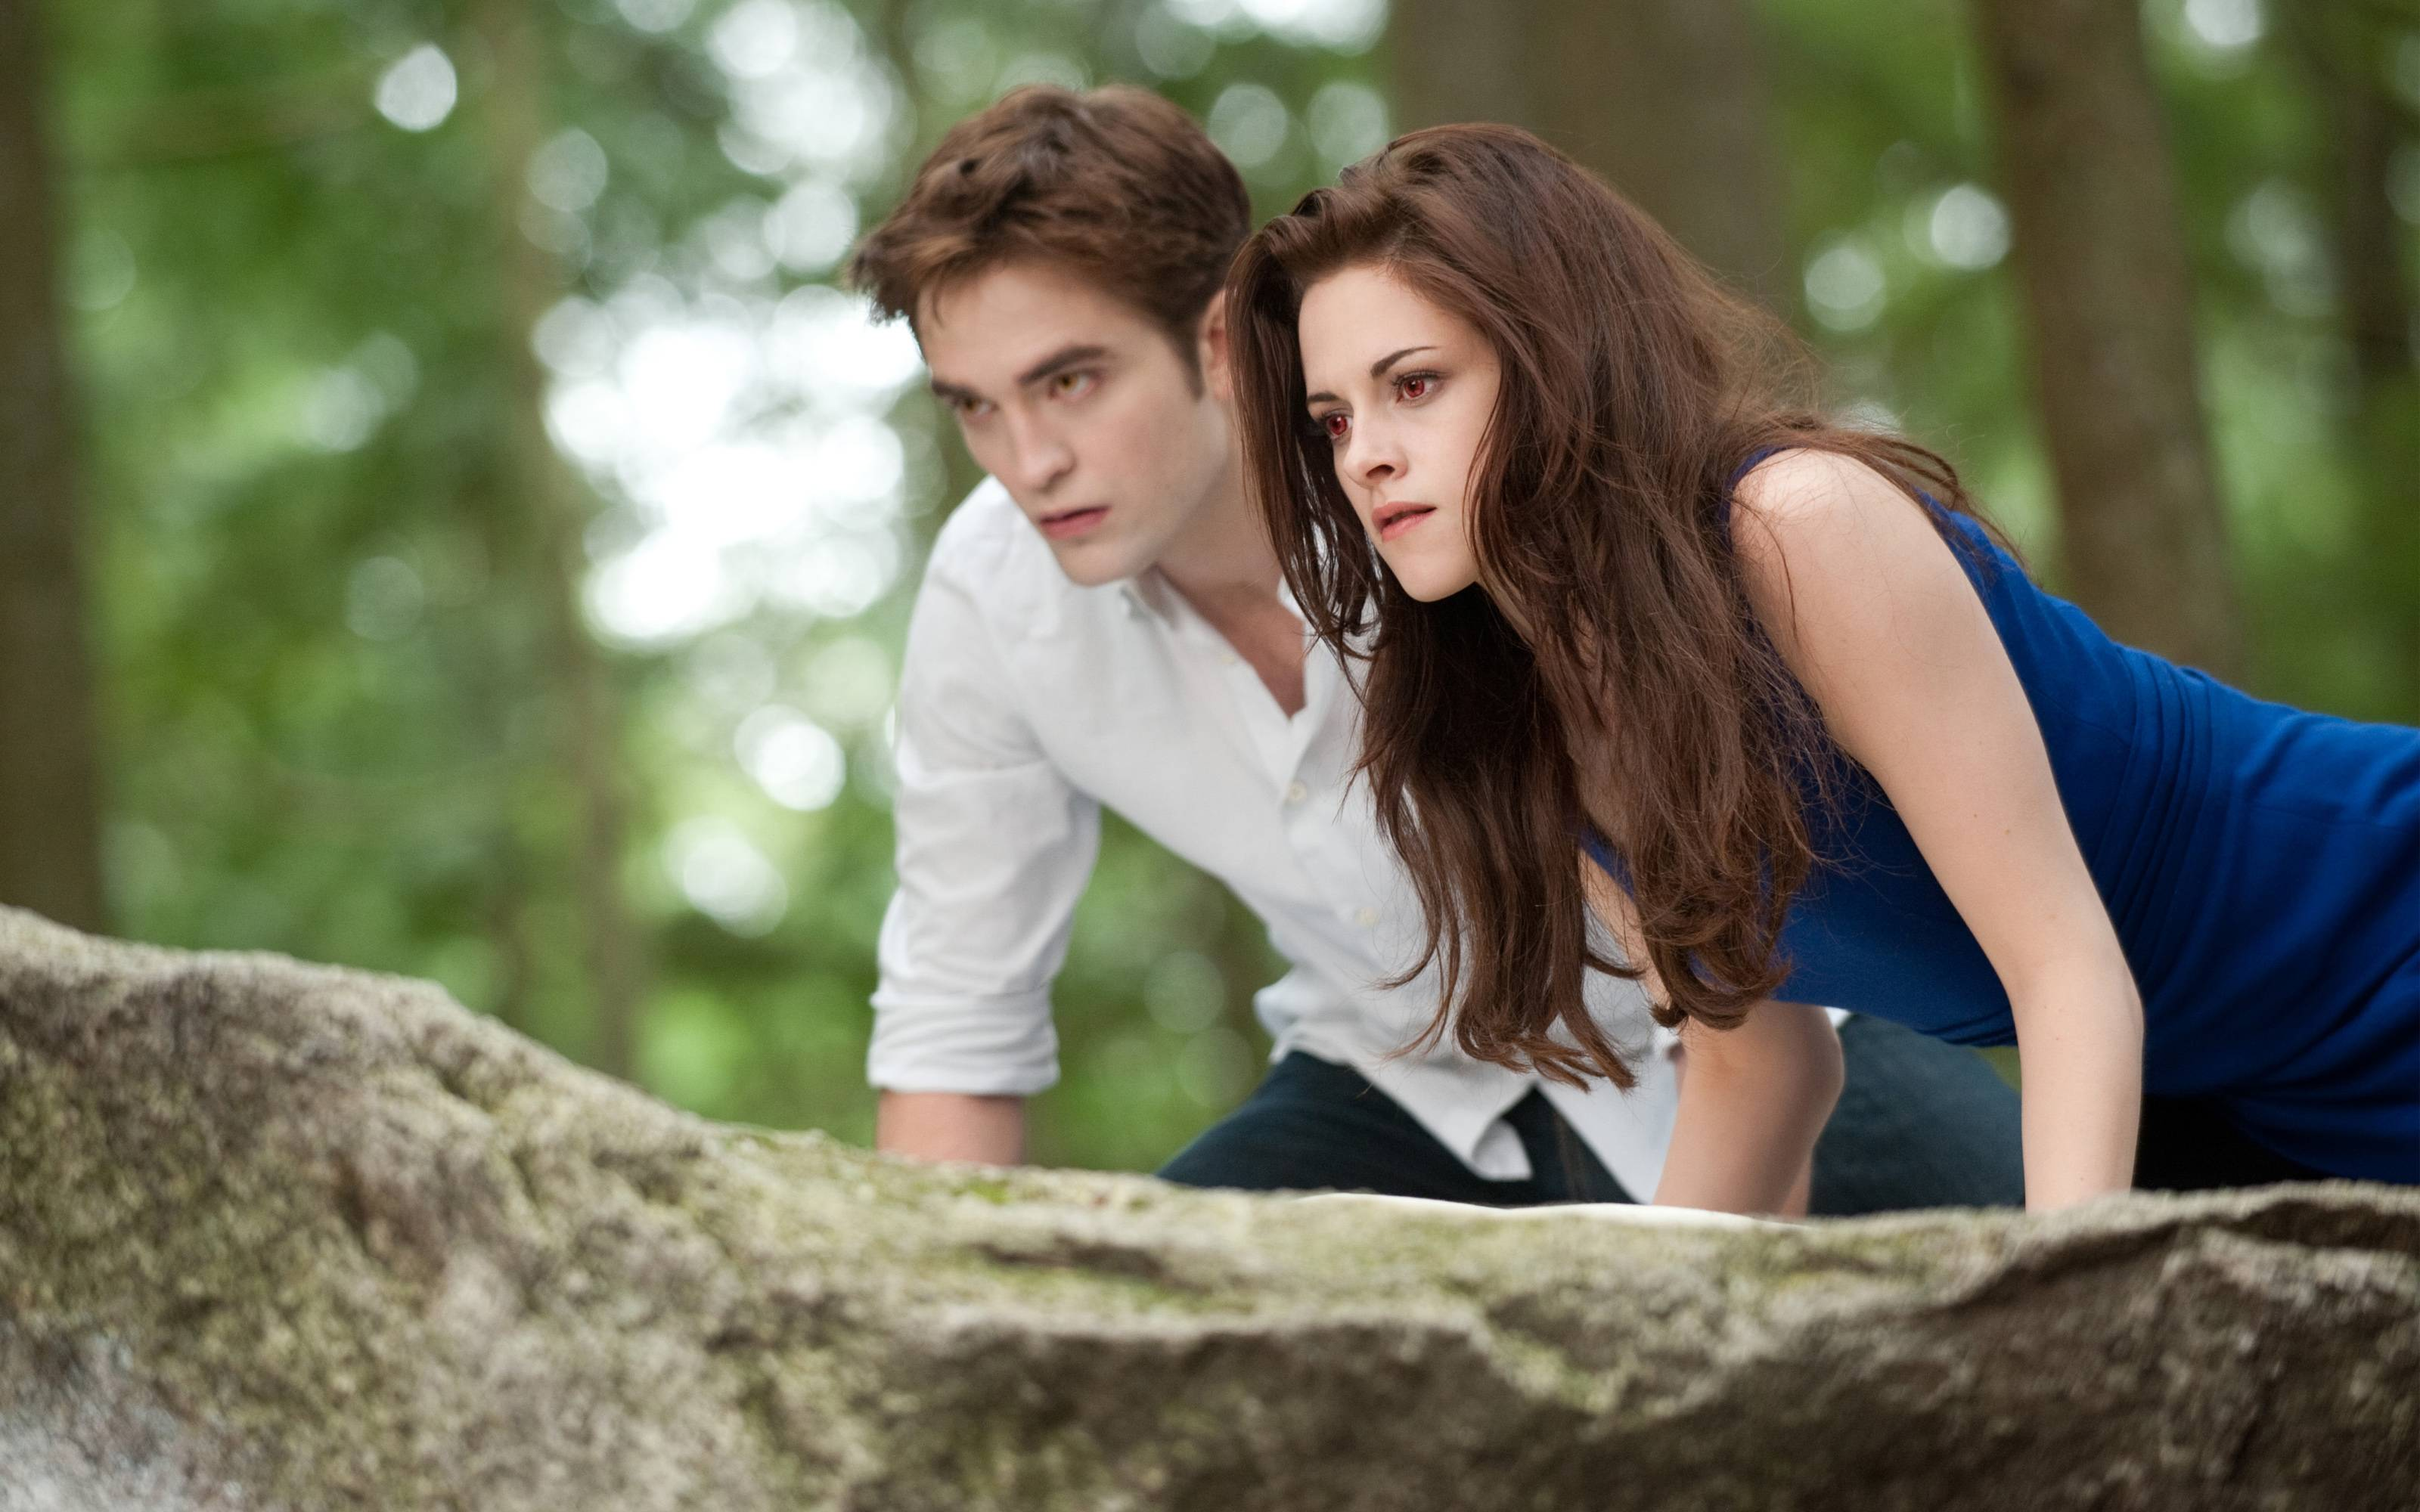 Edward Bella Twilight Breaking Dawn Part 2 Wallpapers